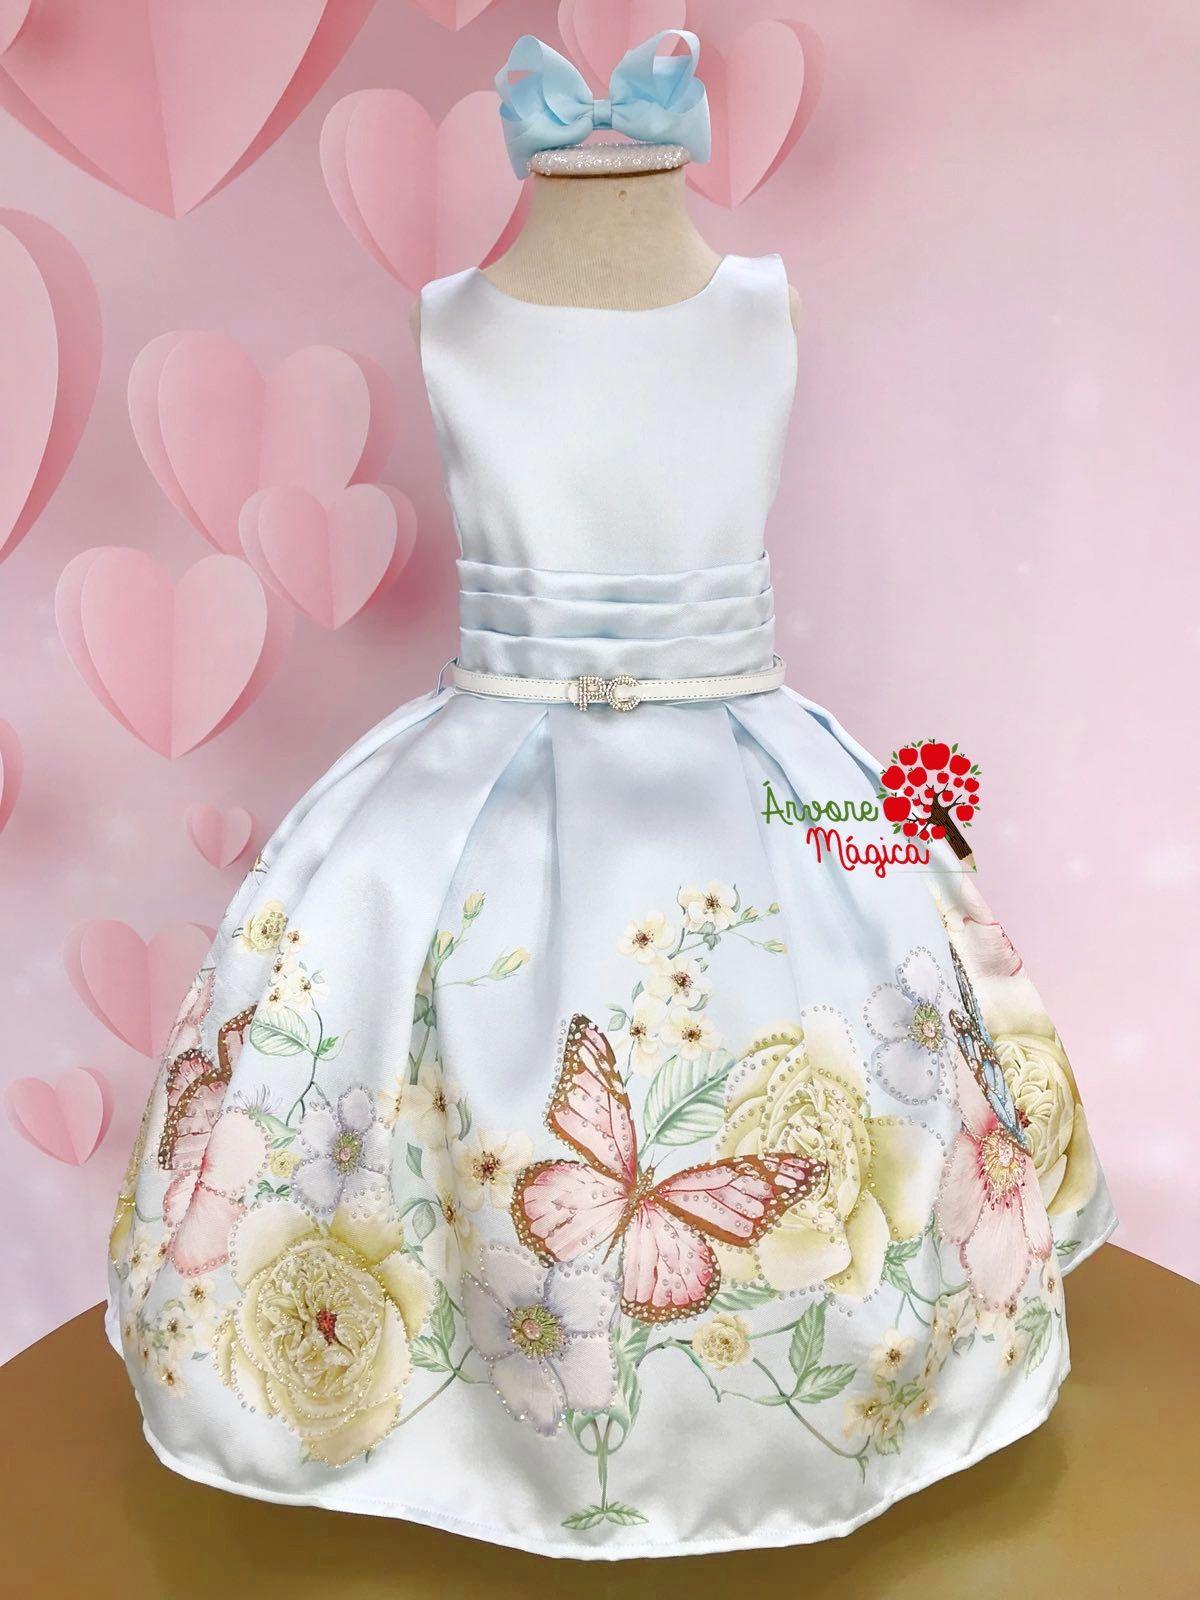 8cc41d460 Compre Vestido de Festa Infantil Borboletas Brilhos Petit Cherie na ÁRVORE  MÁGICA. Frete grátis*